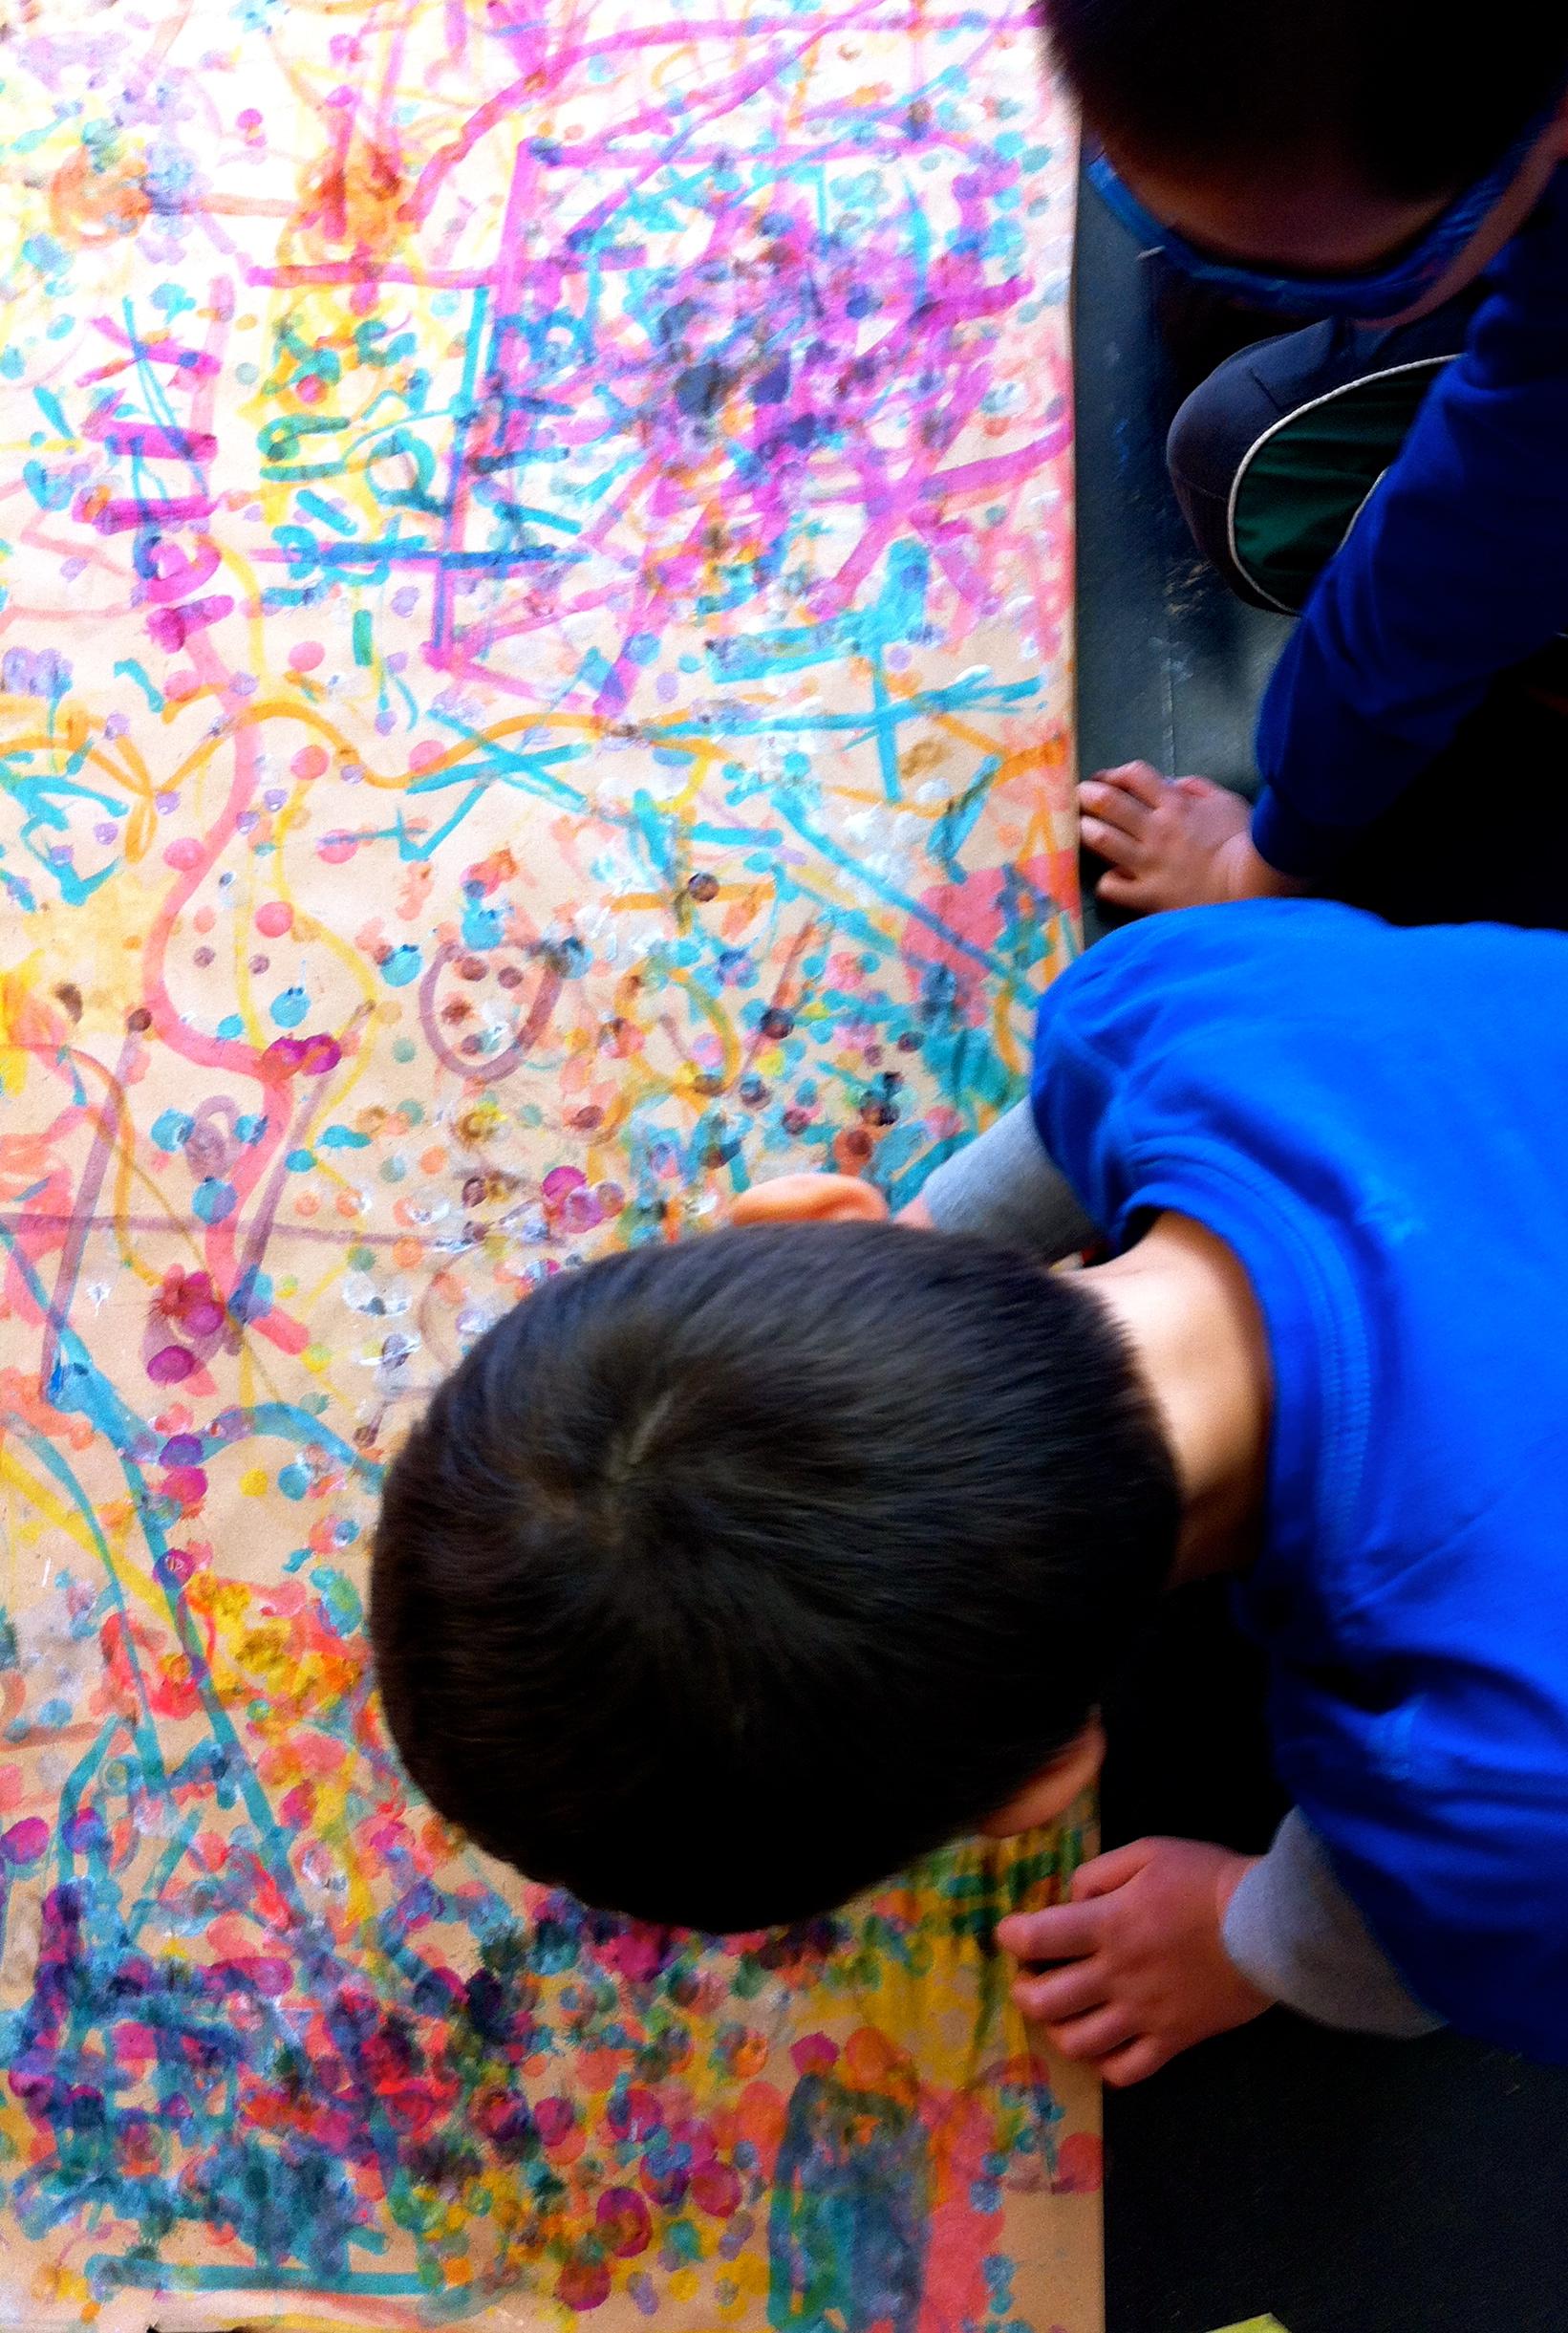 Abstraction: Jackson Pollack mural. (Grade 1)